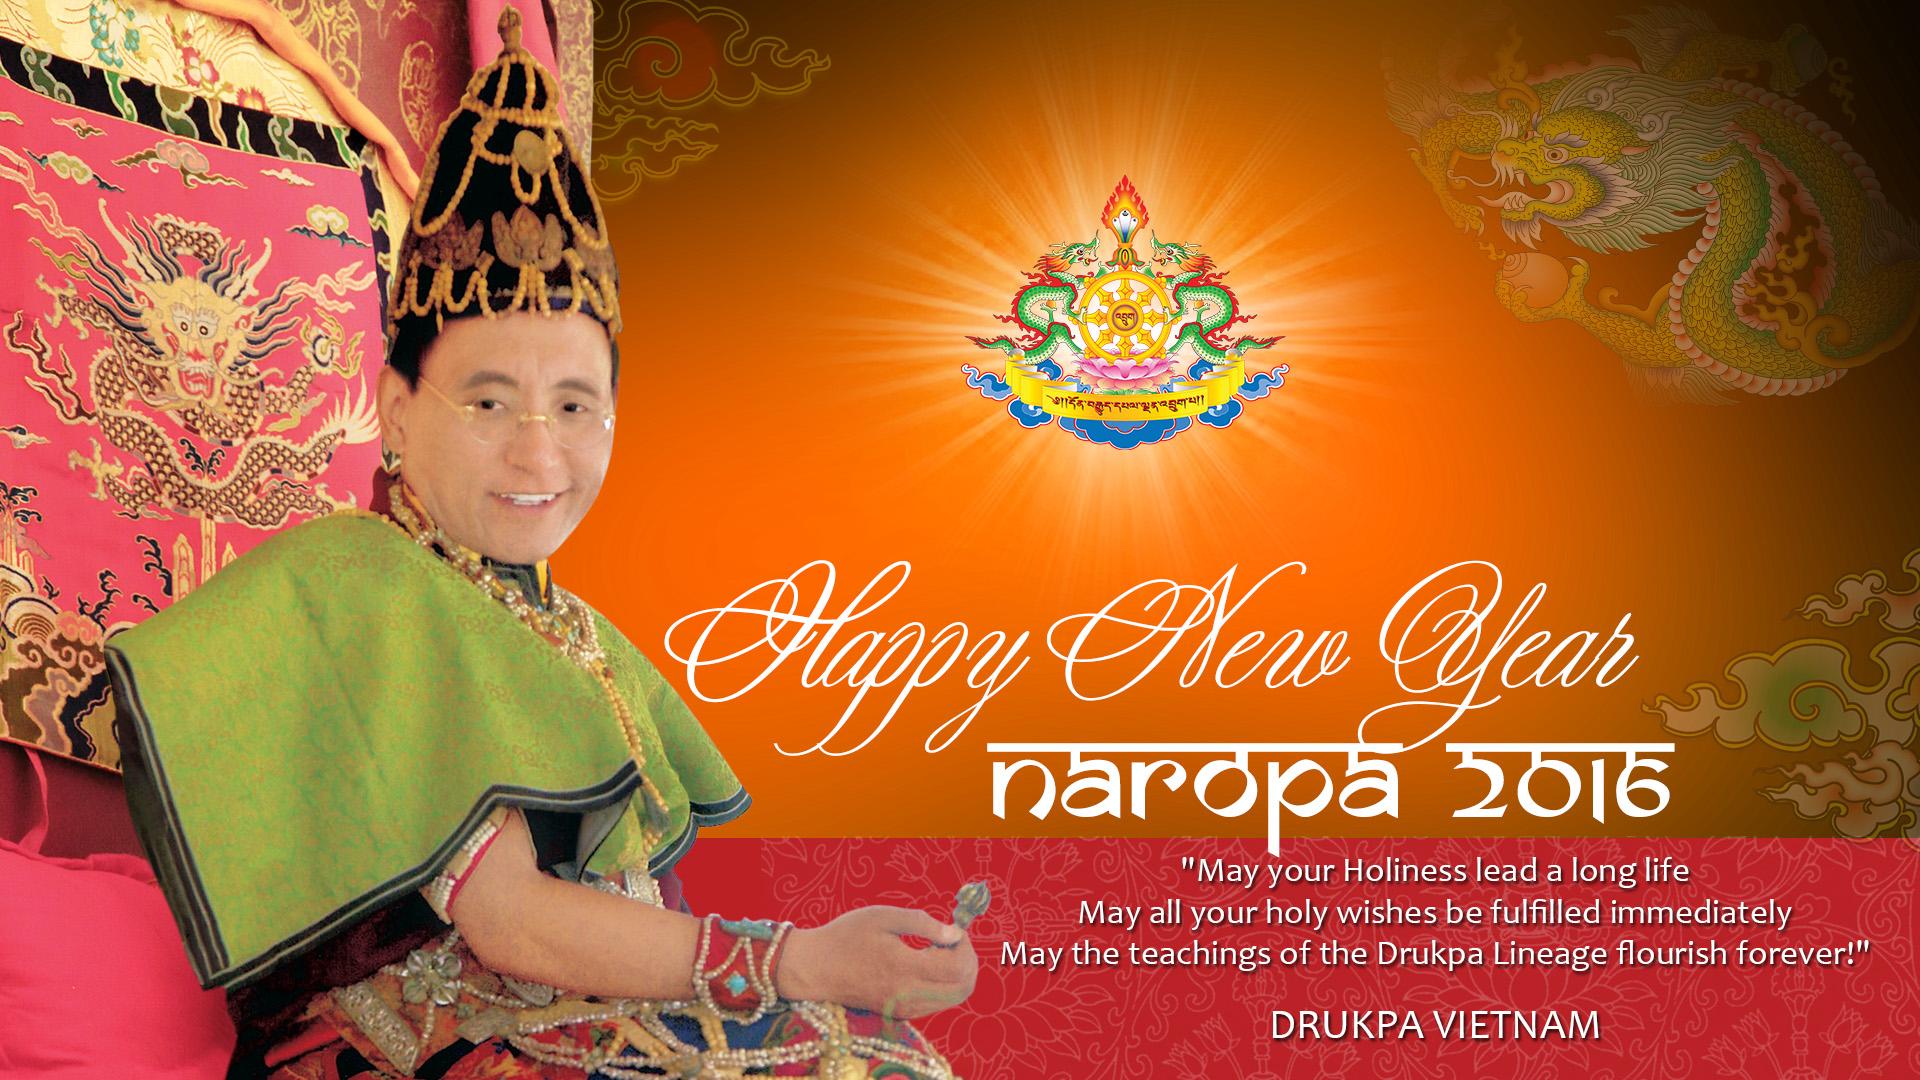 HAPPY NEW YEAR - NAROPA 2016